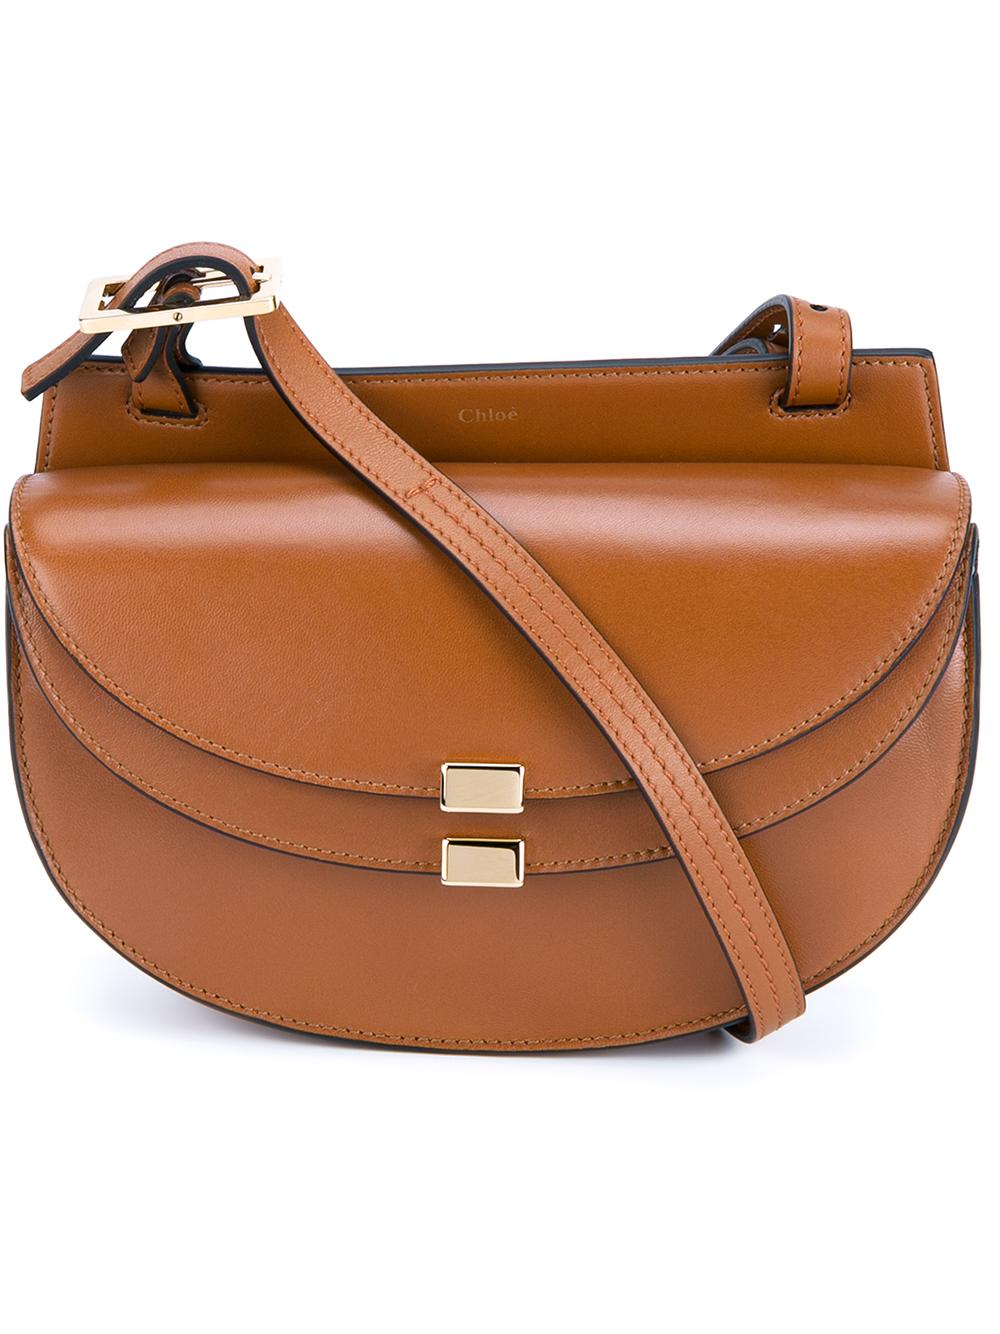 Chloé  georgia  Crossbody Bag in Brown - Lyst 043f47fe8b